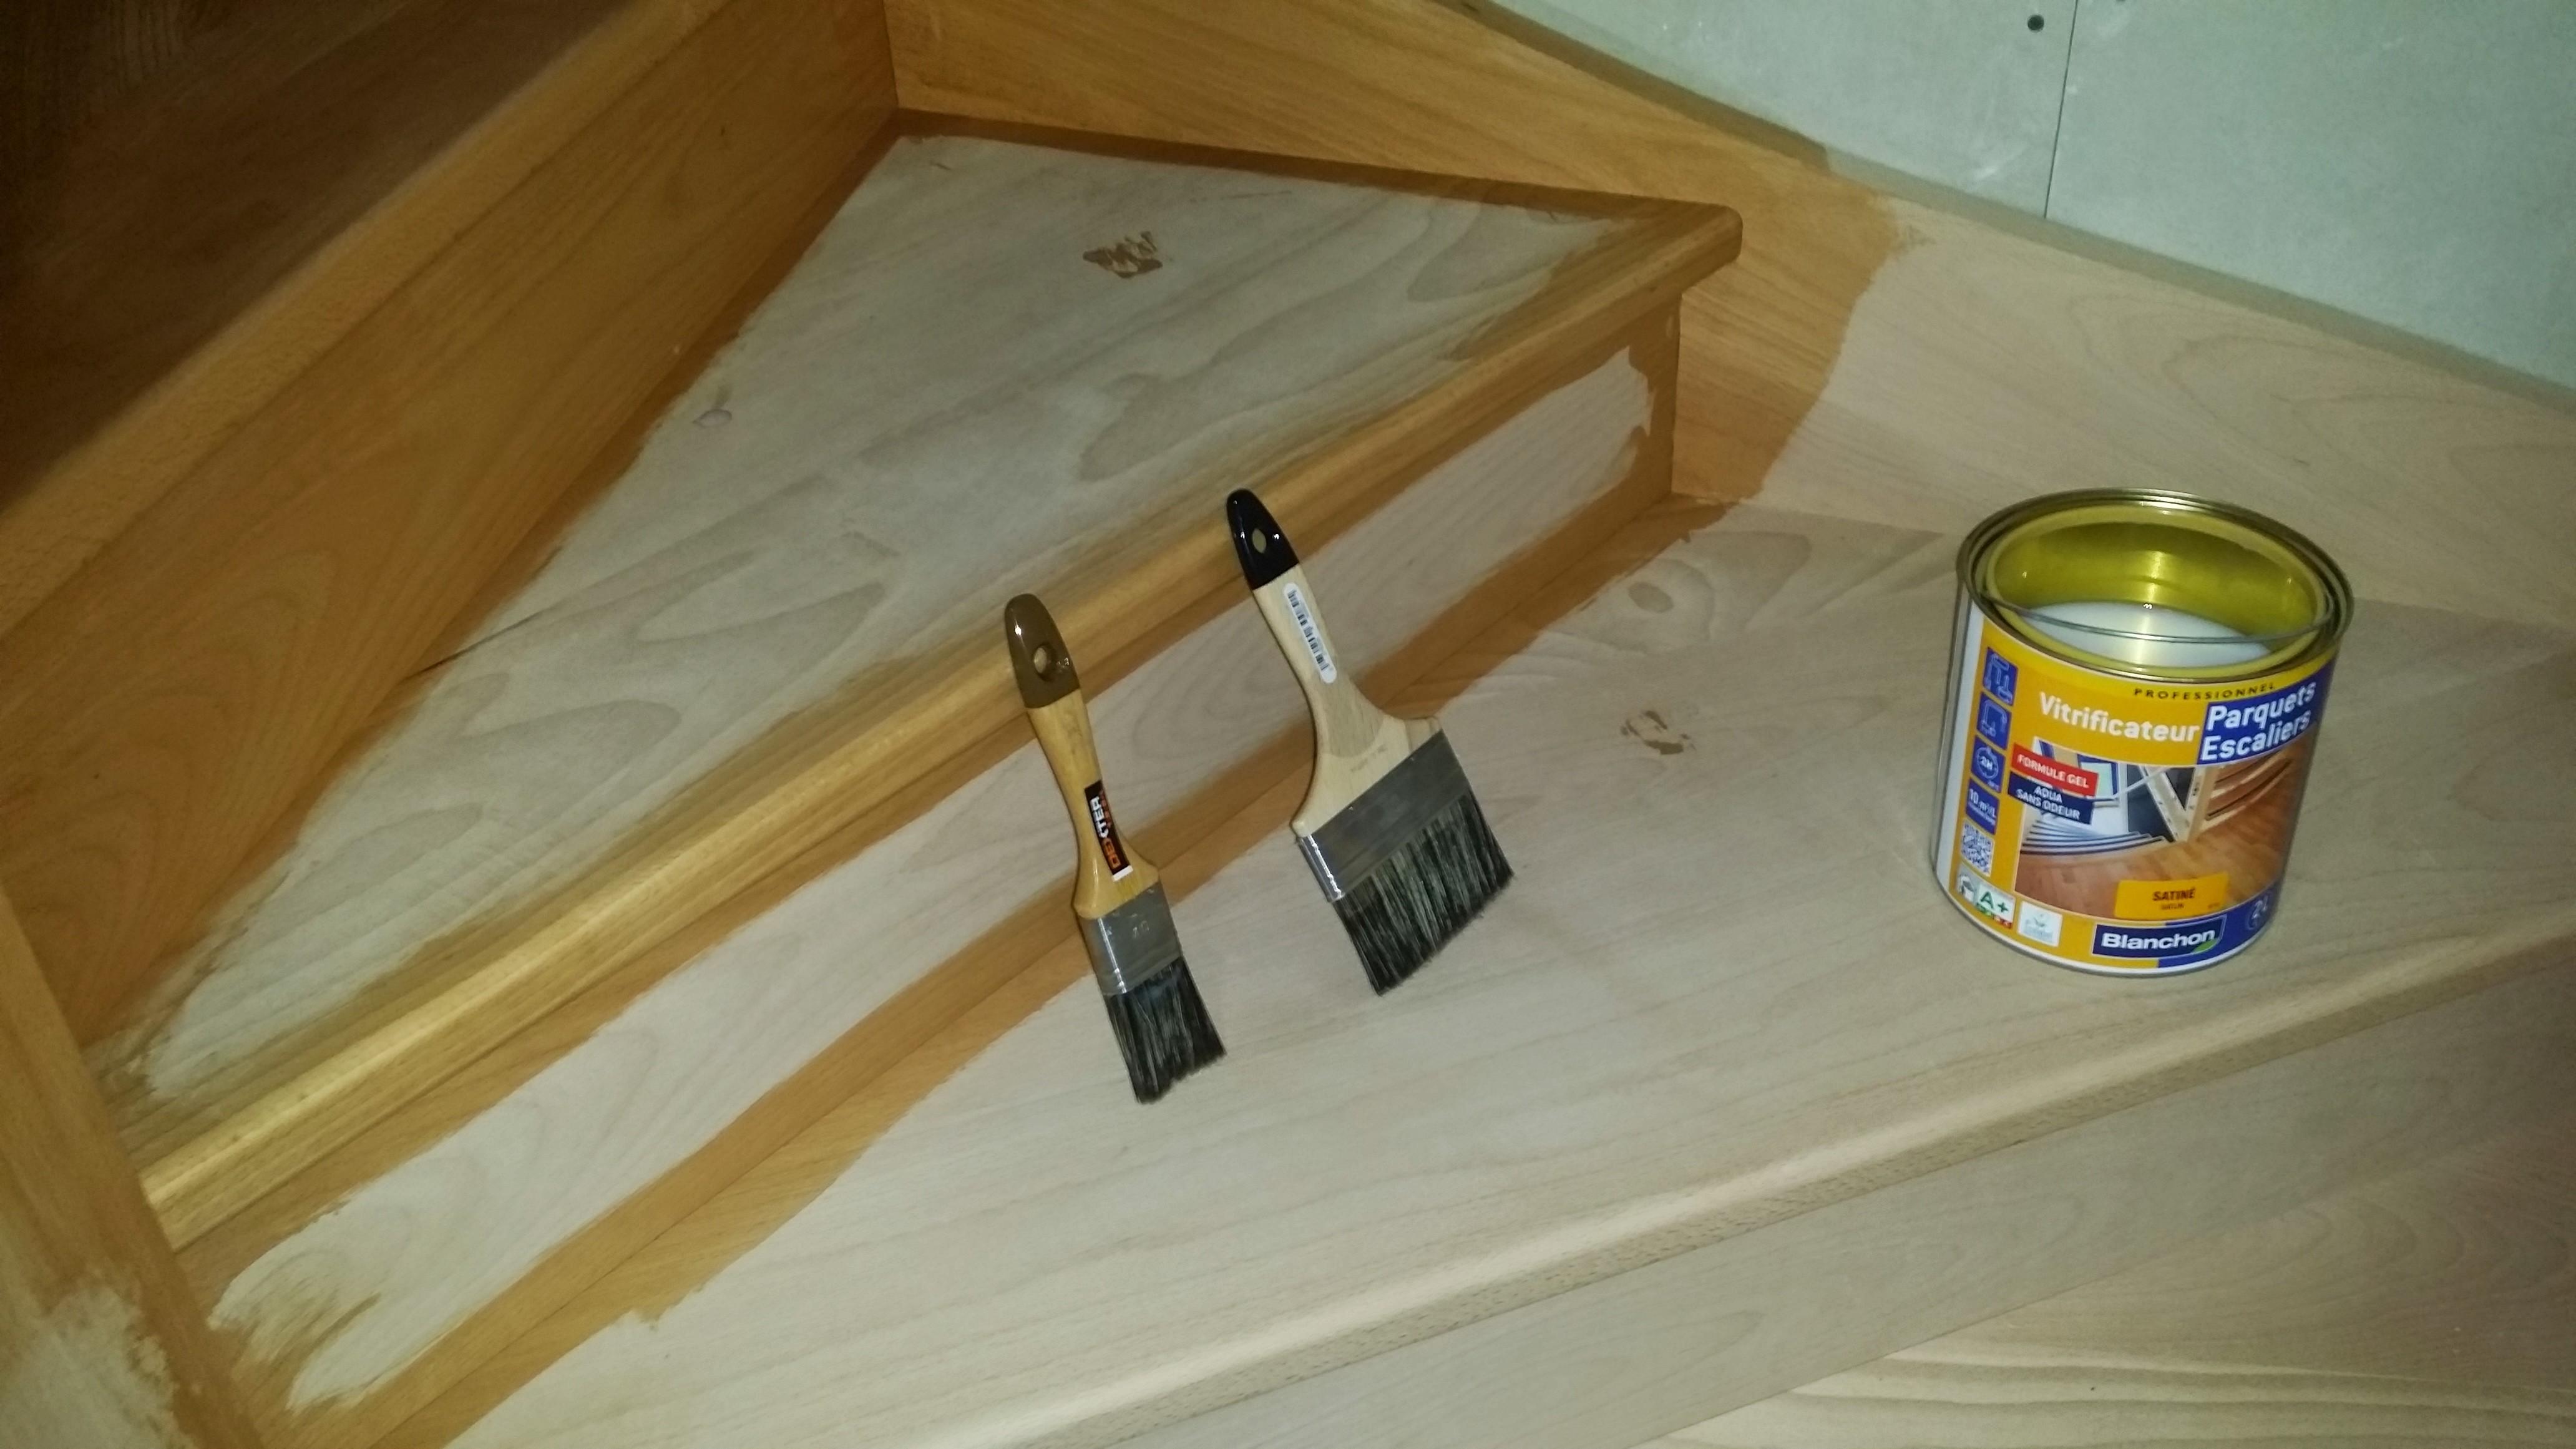 Huile Pour Escalier Hetre quel vitrificateur choisir pour un escalier en bois